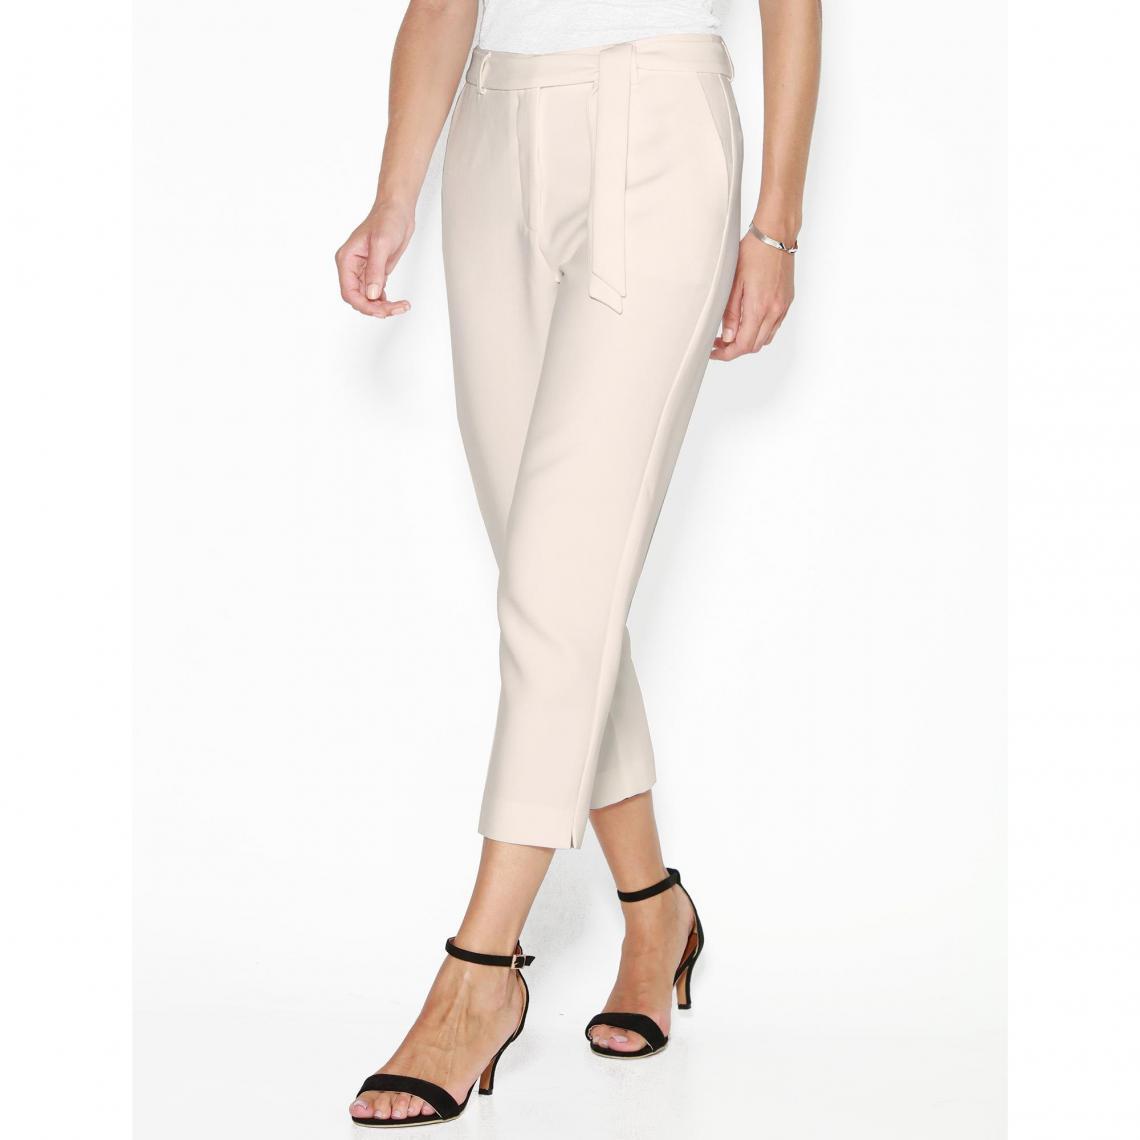 fdc165dfaea Pantalons larges femme 3 SUISSES Cliquez l image pour l agrandir. Pantalon  avec ceinture à nouer et bas fendus femme - écru ...